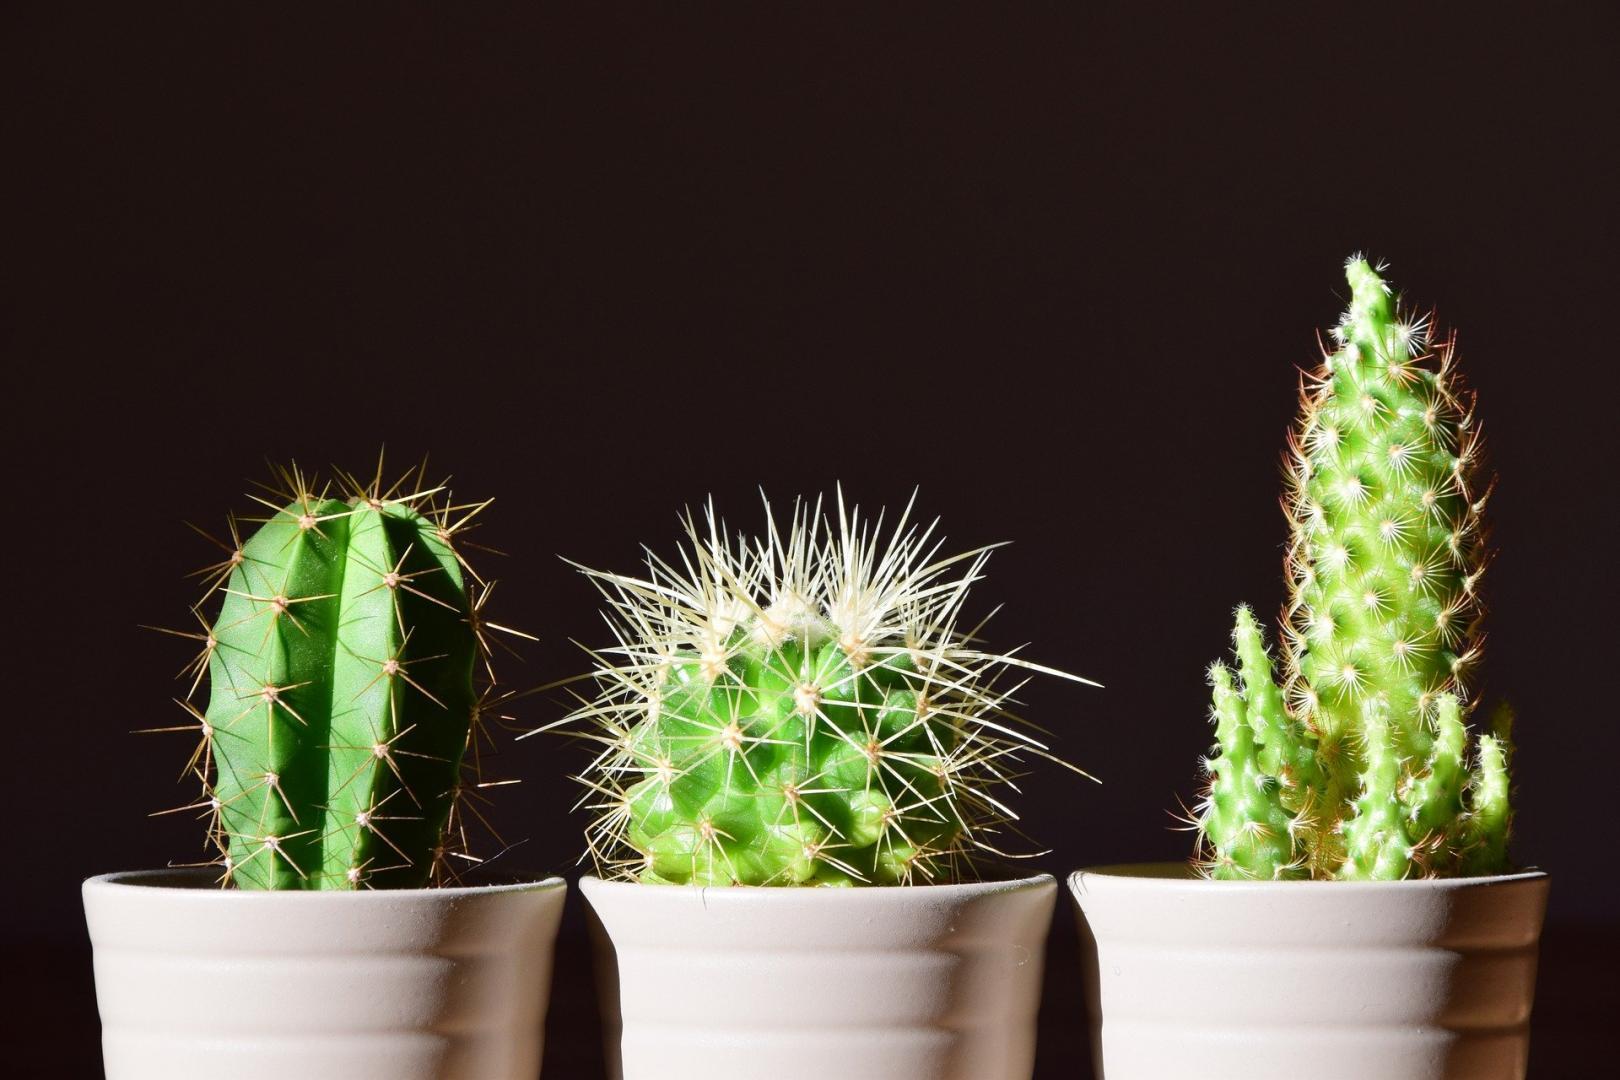 Warum sollten giftige Pflanzen für Kinder und Tiere unzugänglich sein?